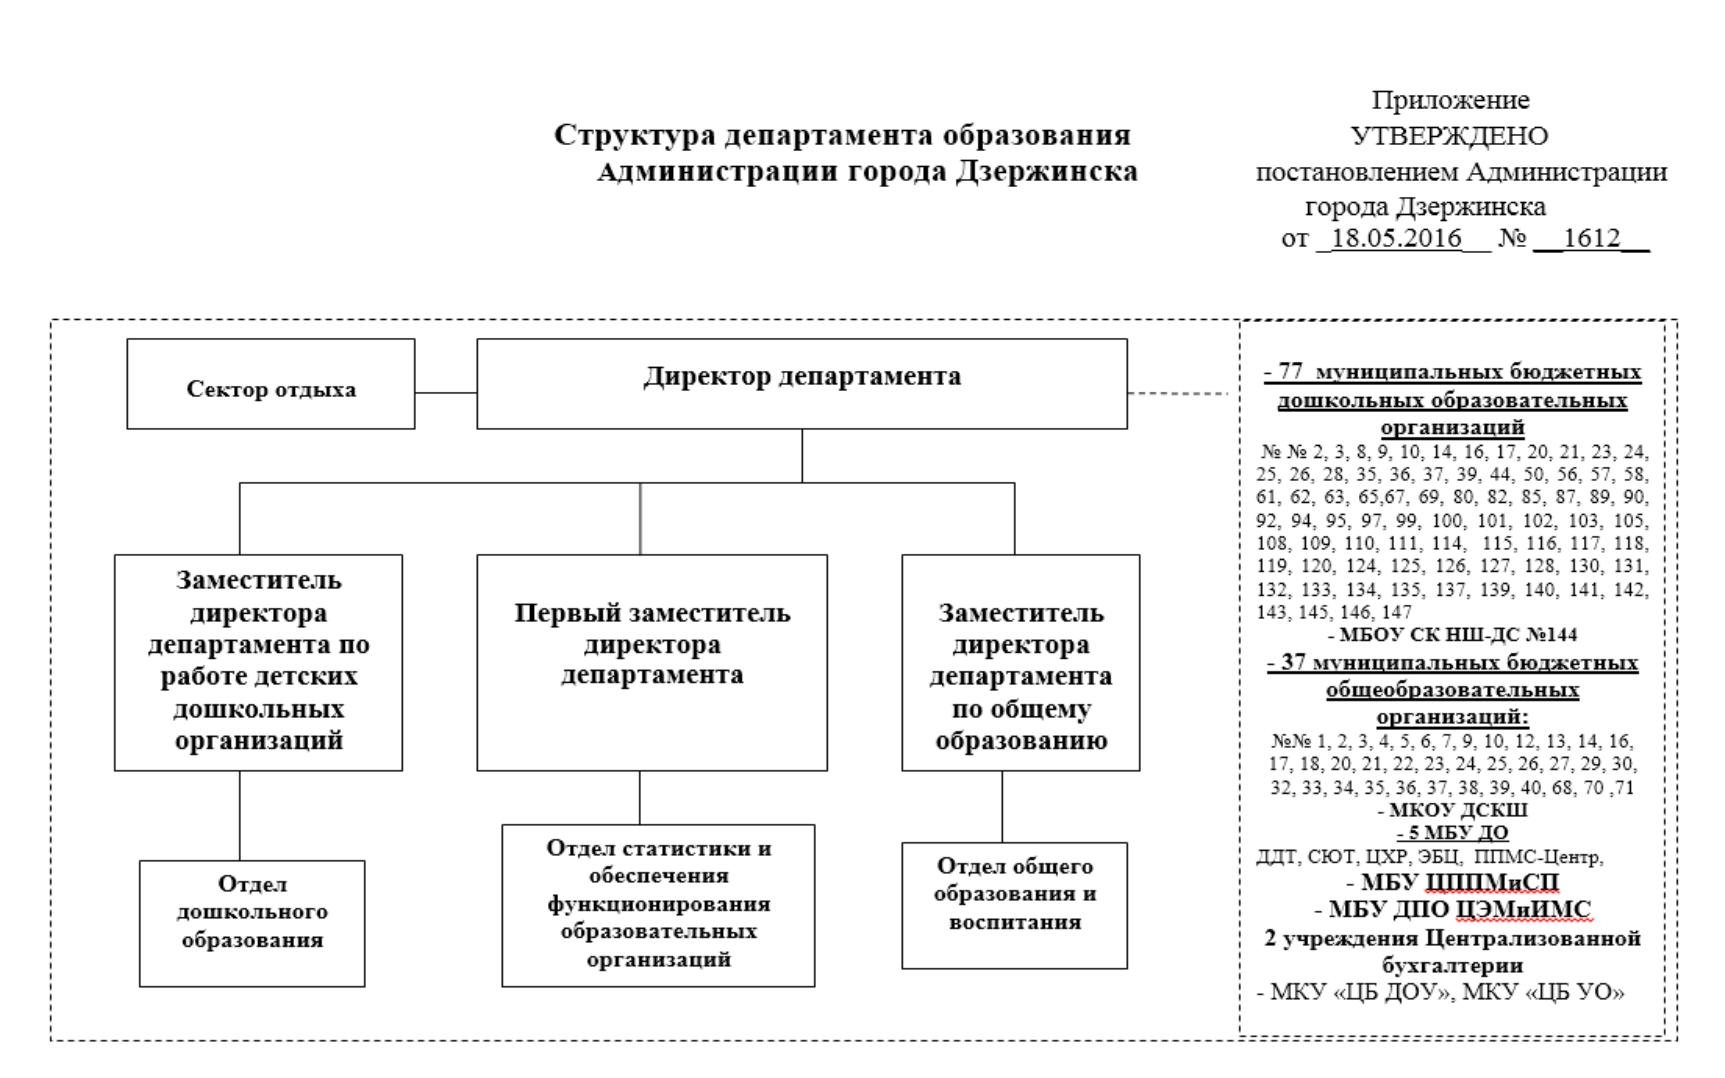 кто подписывает должностные инструкции руководителям структурных подразделений